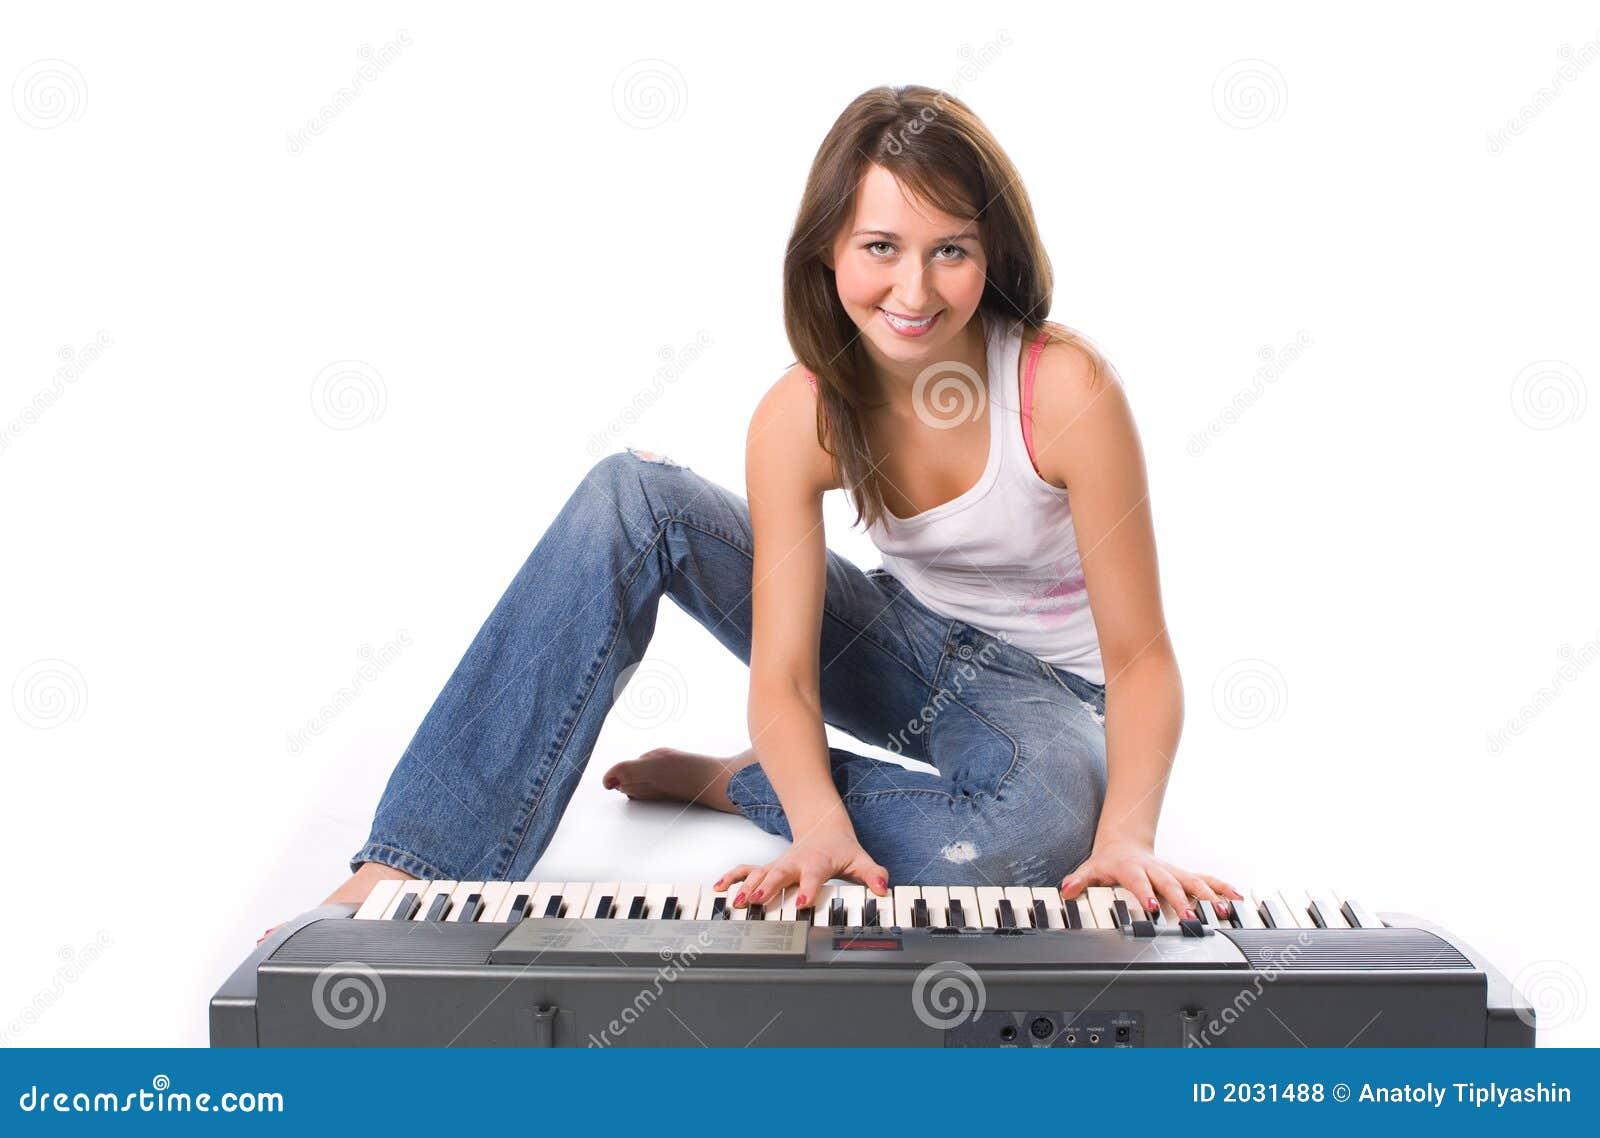 Cherche fille pour jouer